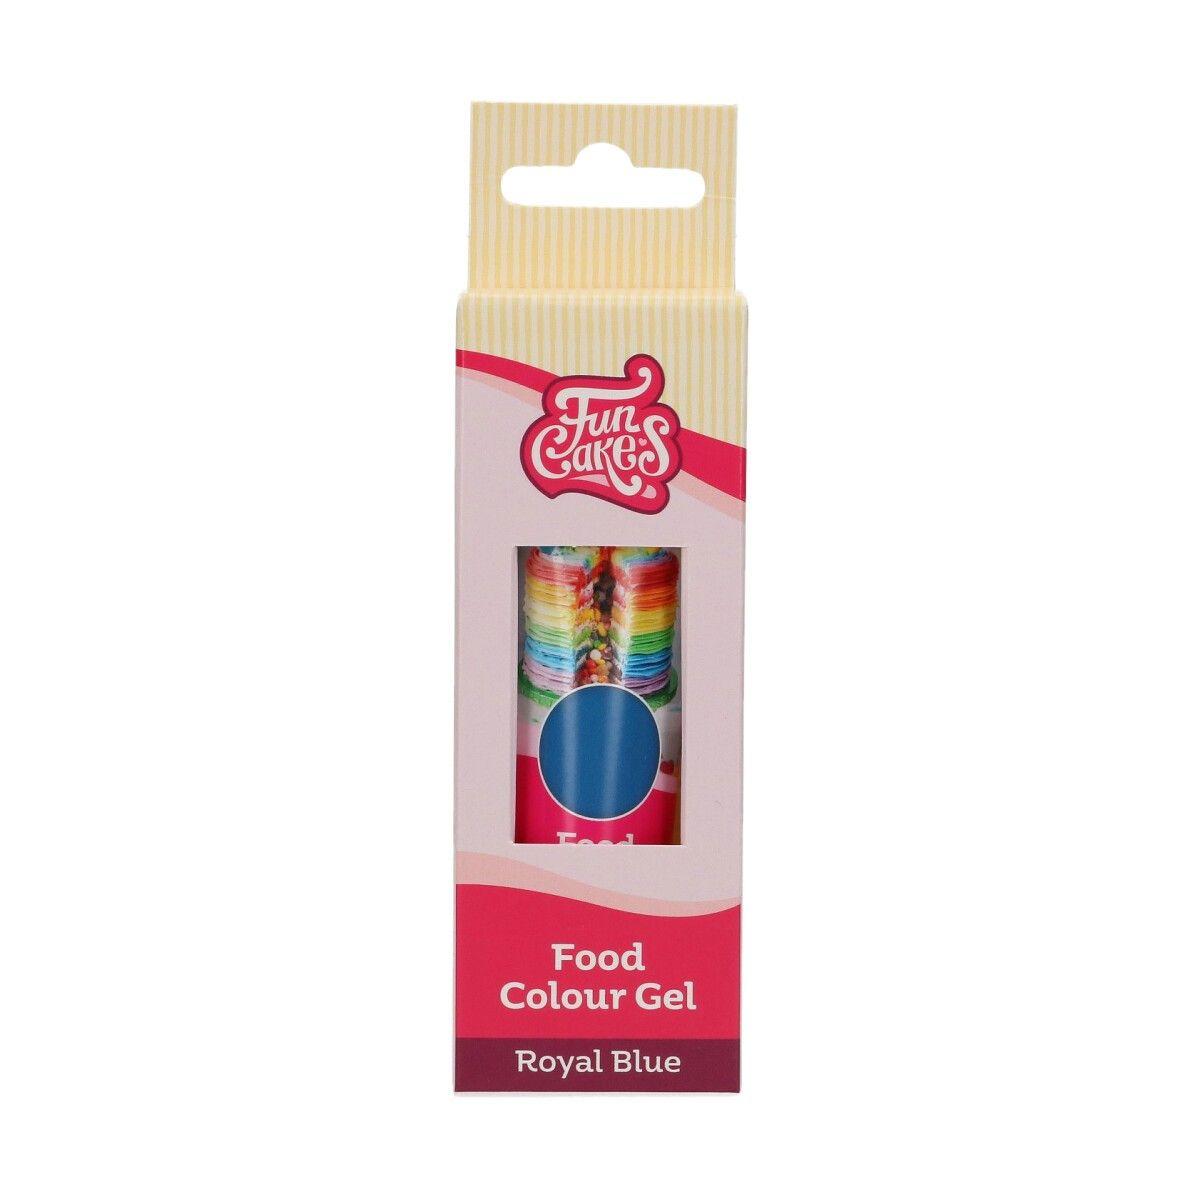 Imagen de producto: https://tienda.postreadiccion.com/img/articulos/secundarias14080-colorante-en-gel-azul-oscuro-30-g-funcakes-1.jpg